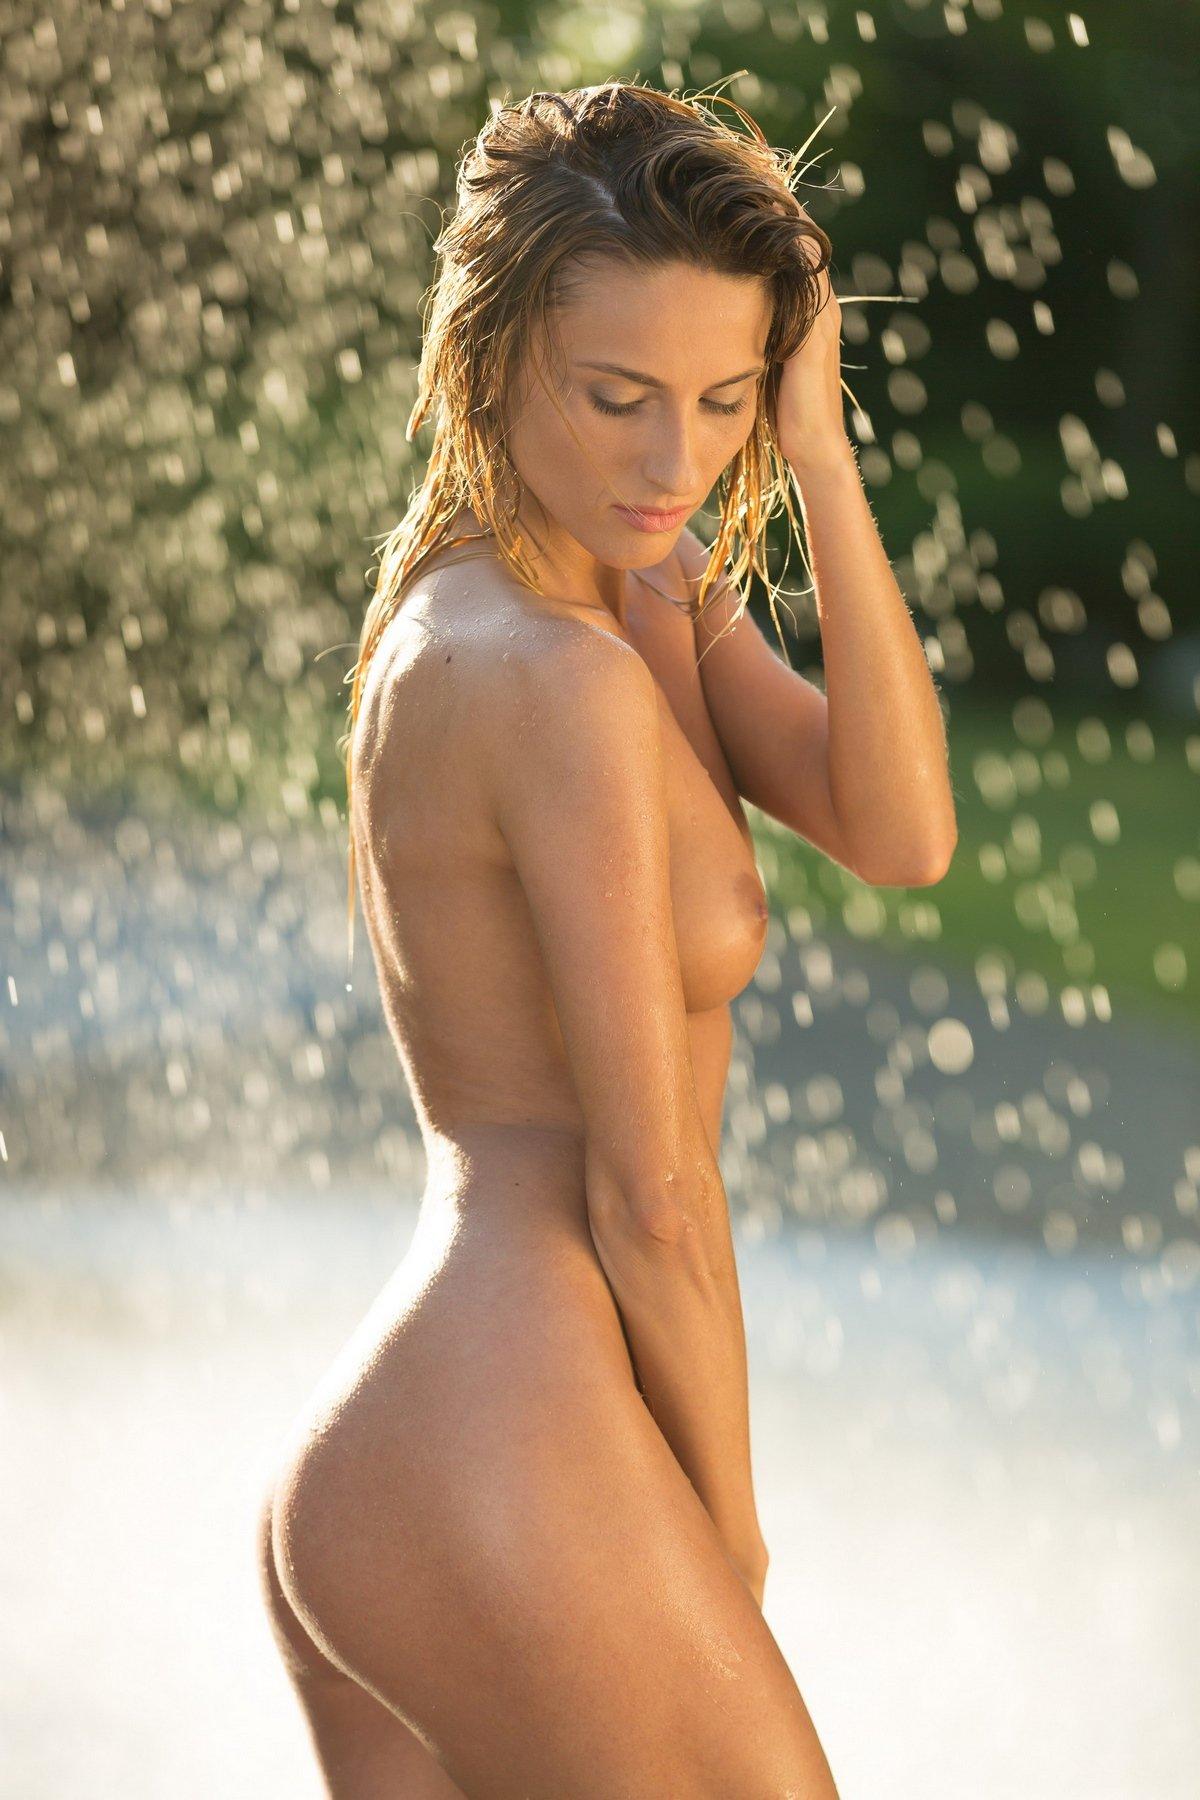 Красивые фото обнаженной девушки под струями воды